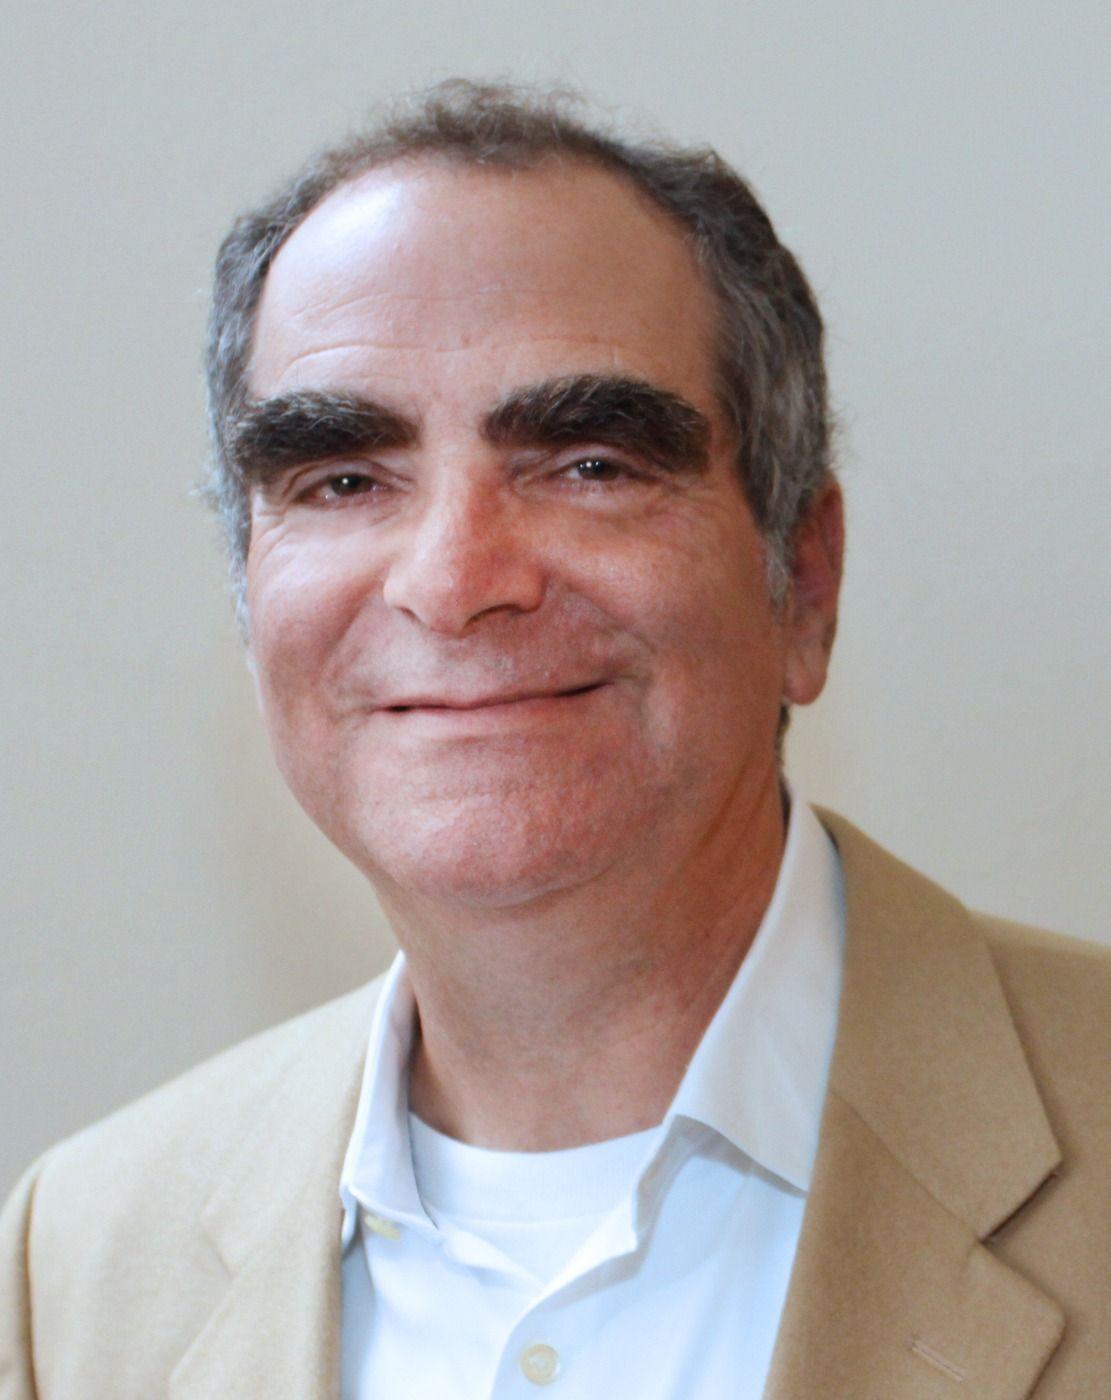 Dan Goldblatt